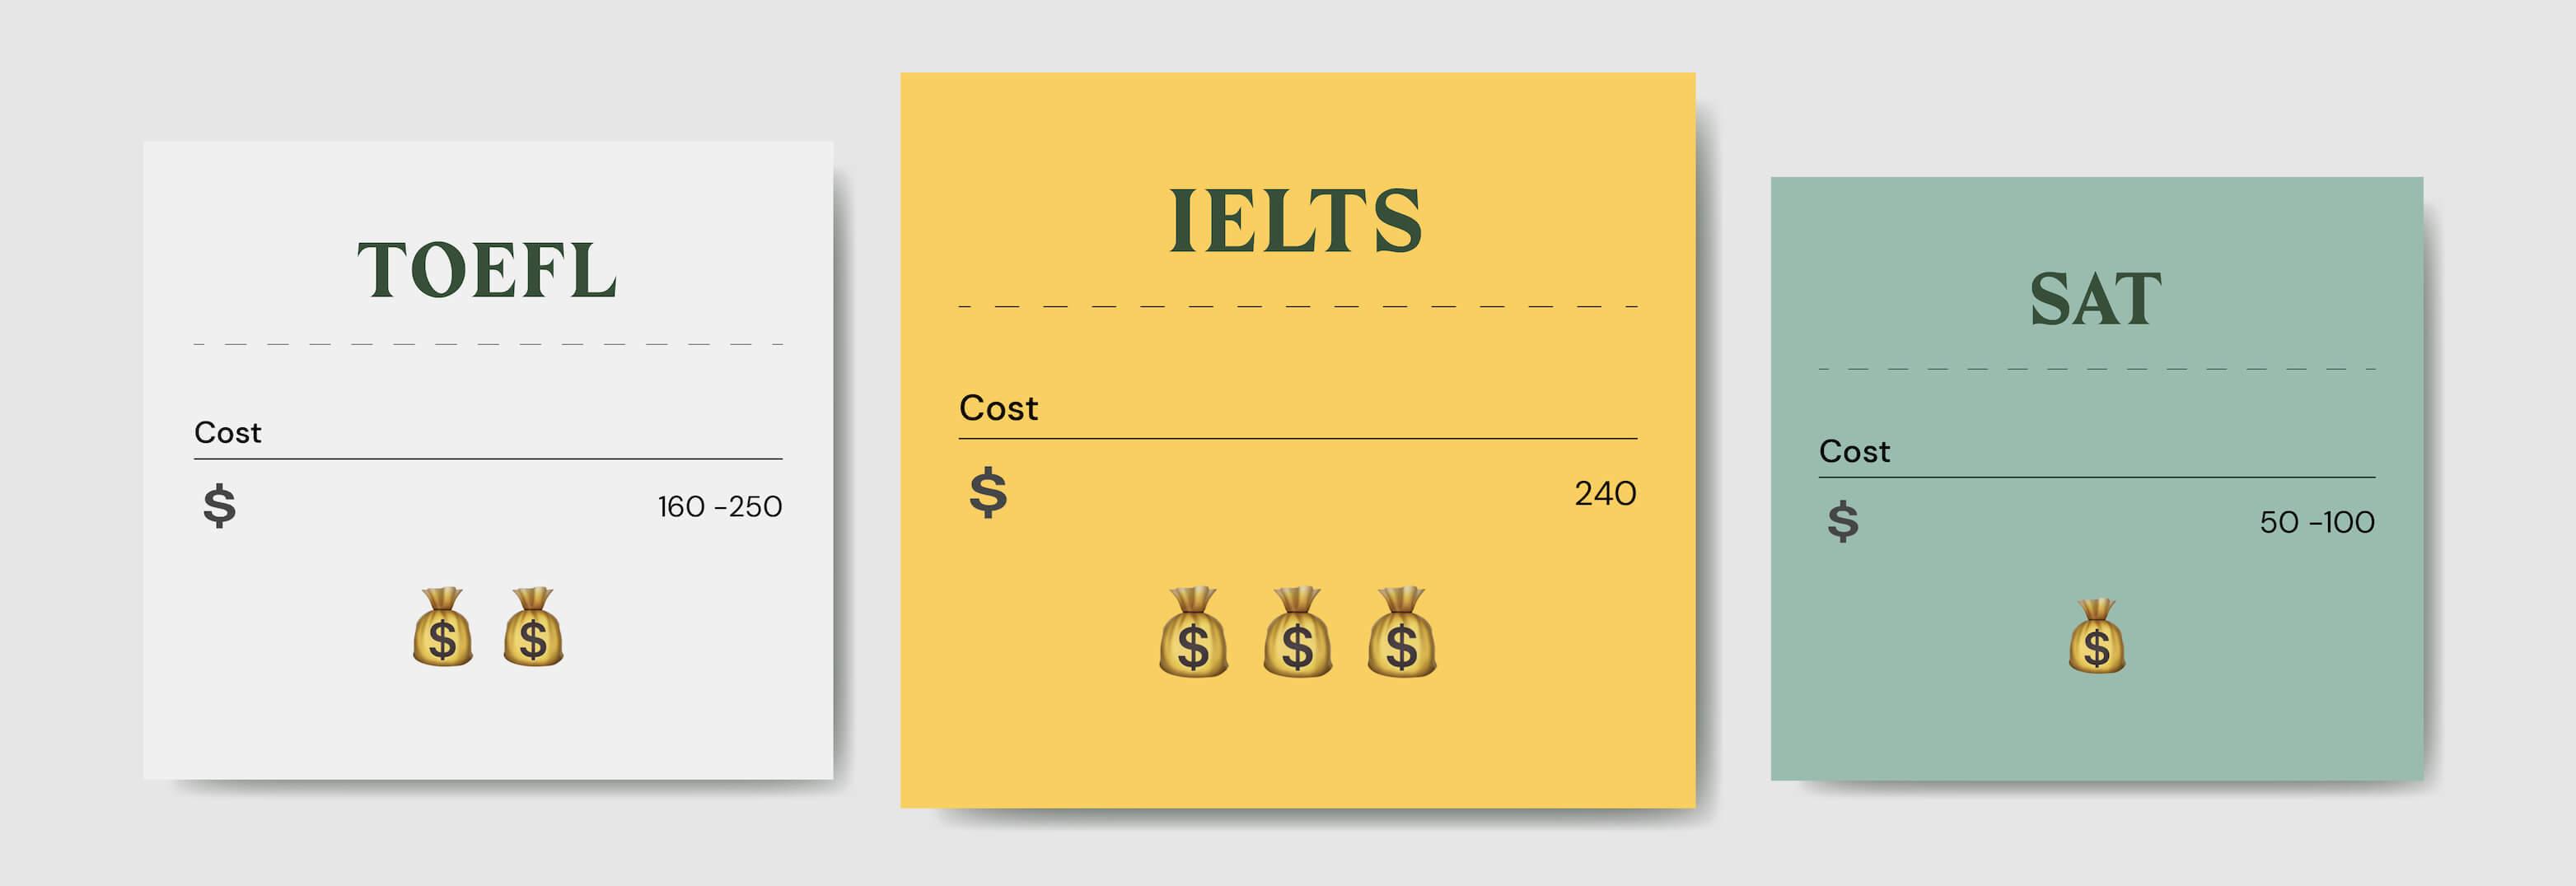 price for TOEFL